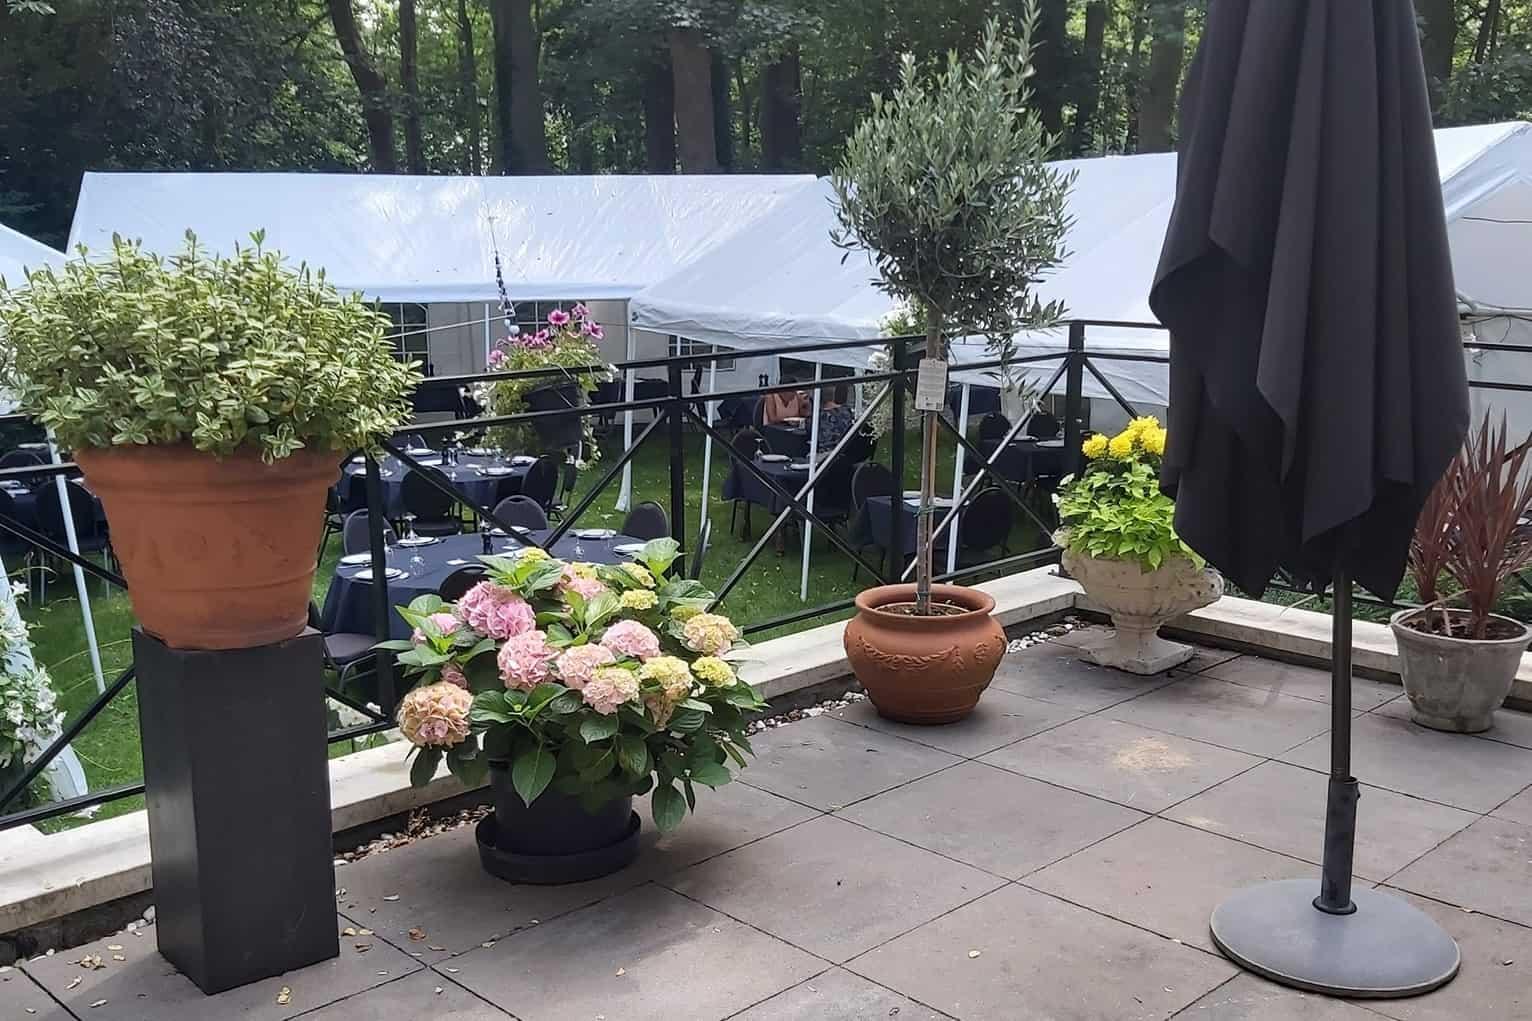 1-Weilandshof-tuin-terras